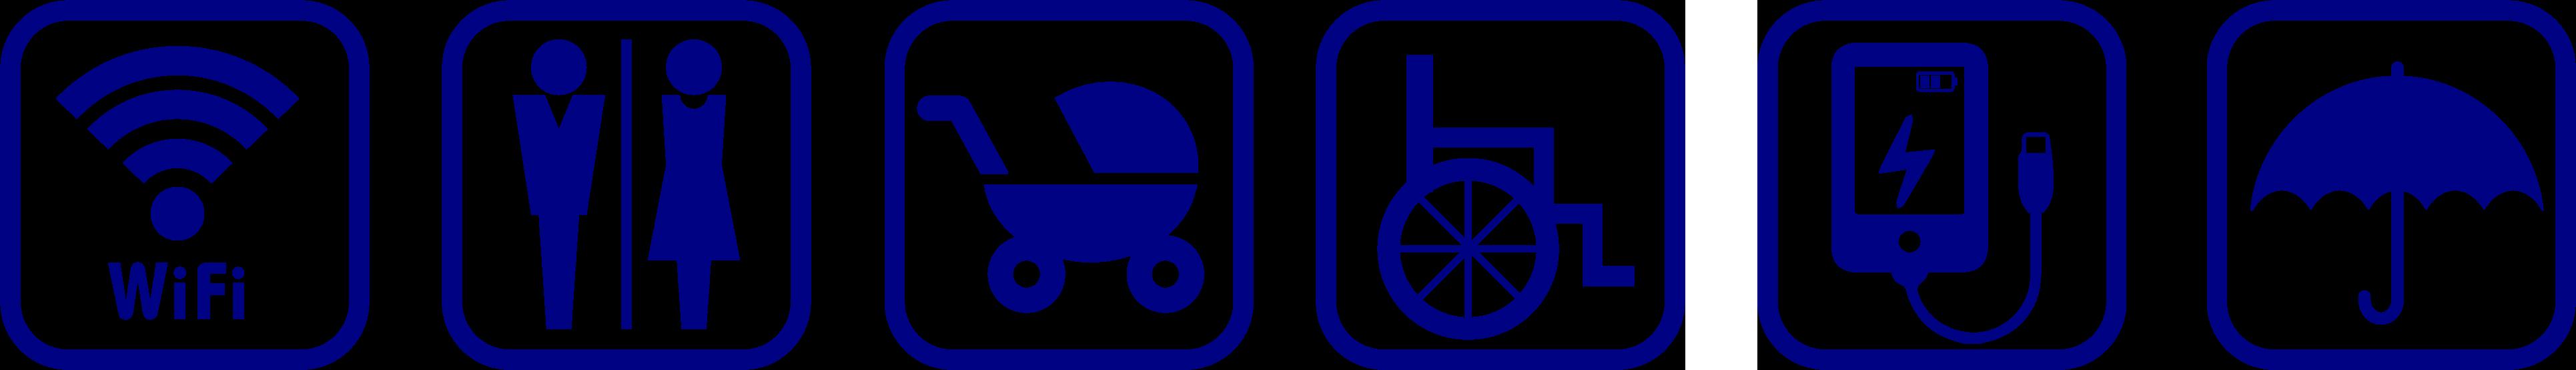 無料wifi 、トイレ、ベビーカー、車椅子、スマホの充電、傘の貸し出しなどのサービスがございます。